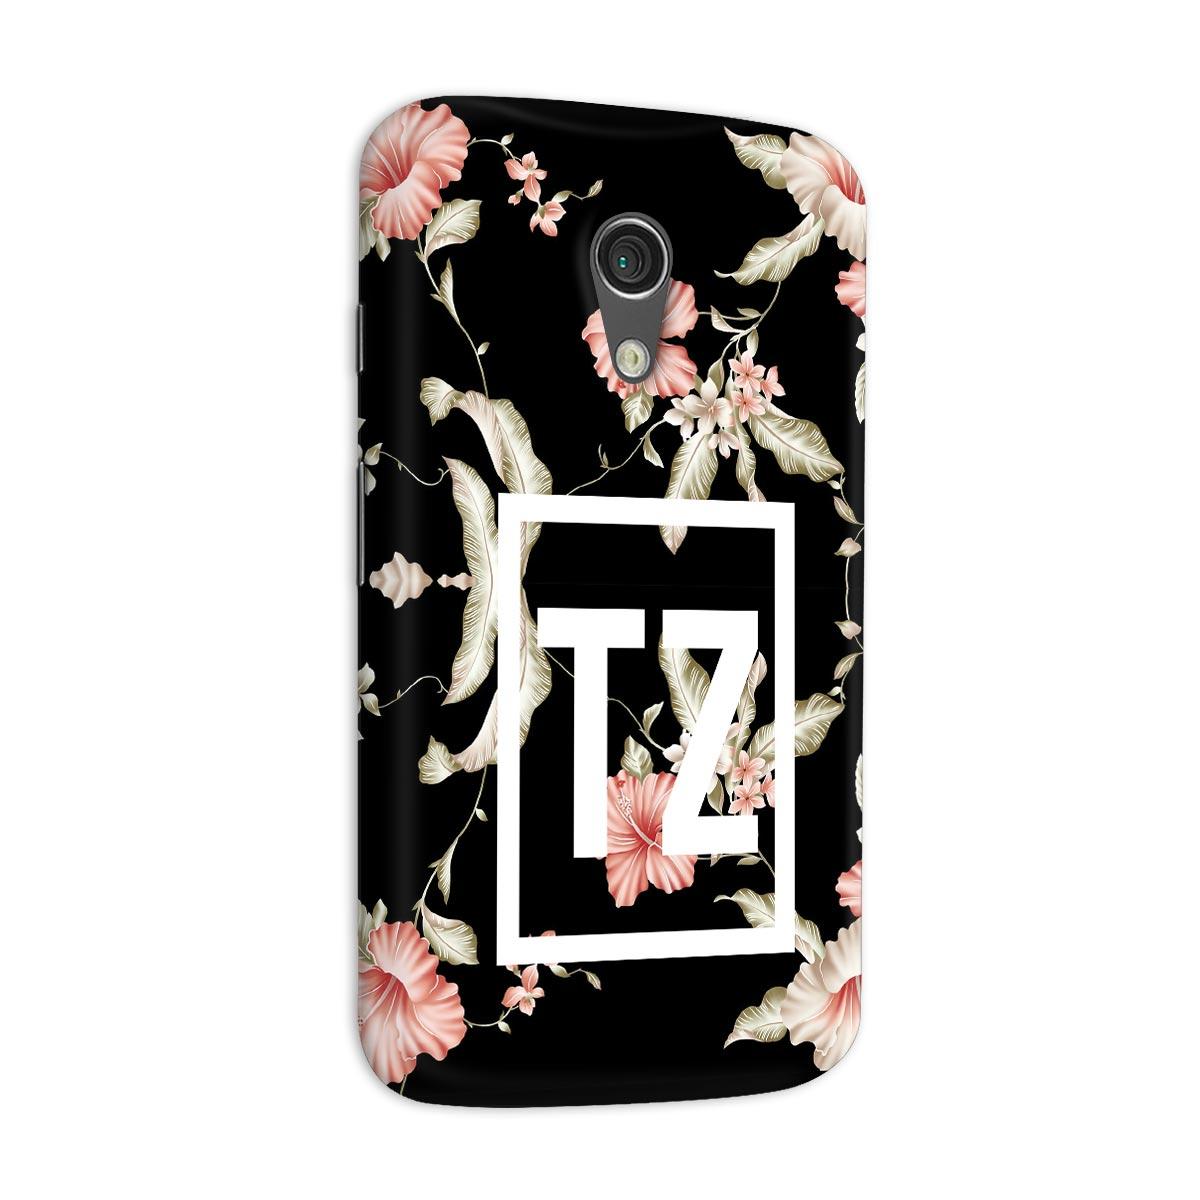 Capa para Motorola Moto G 2 MC Tati Zaqui Flowers